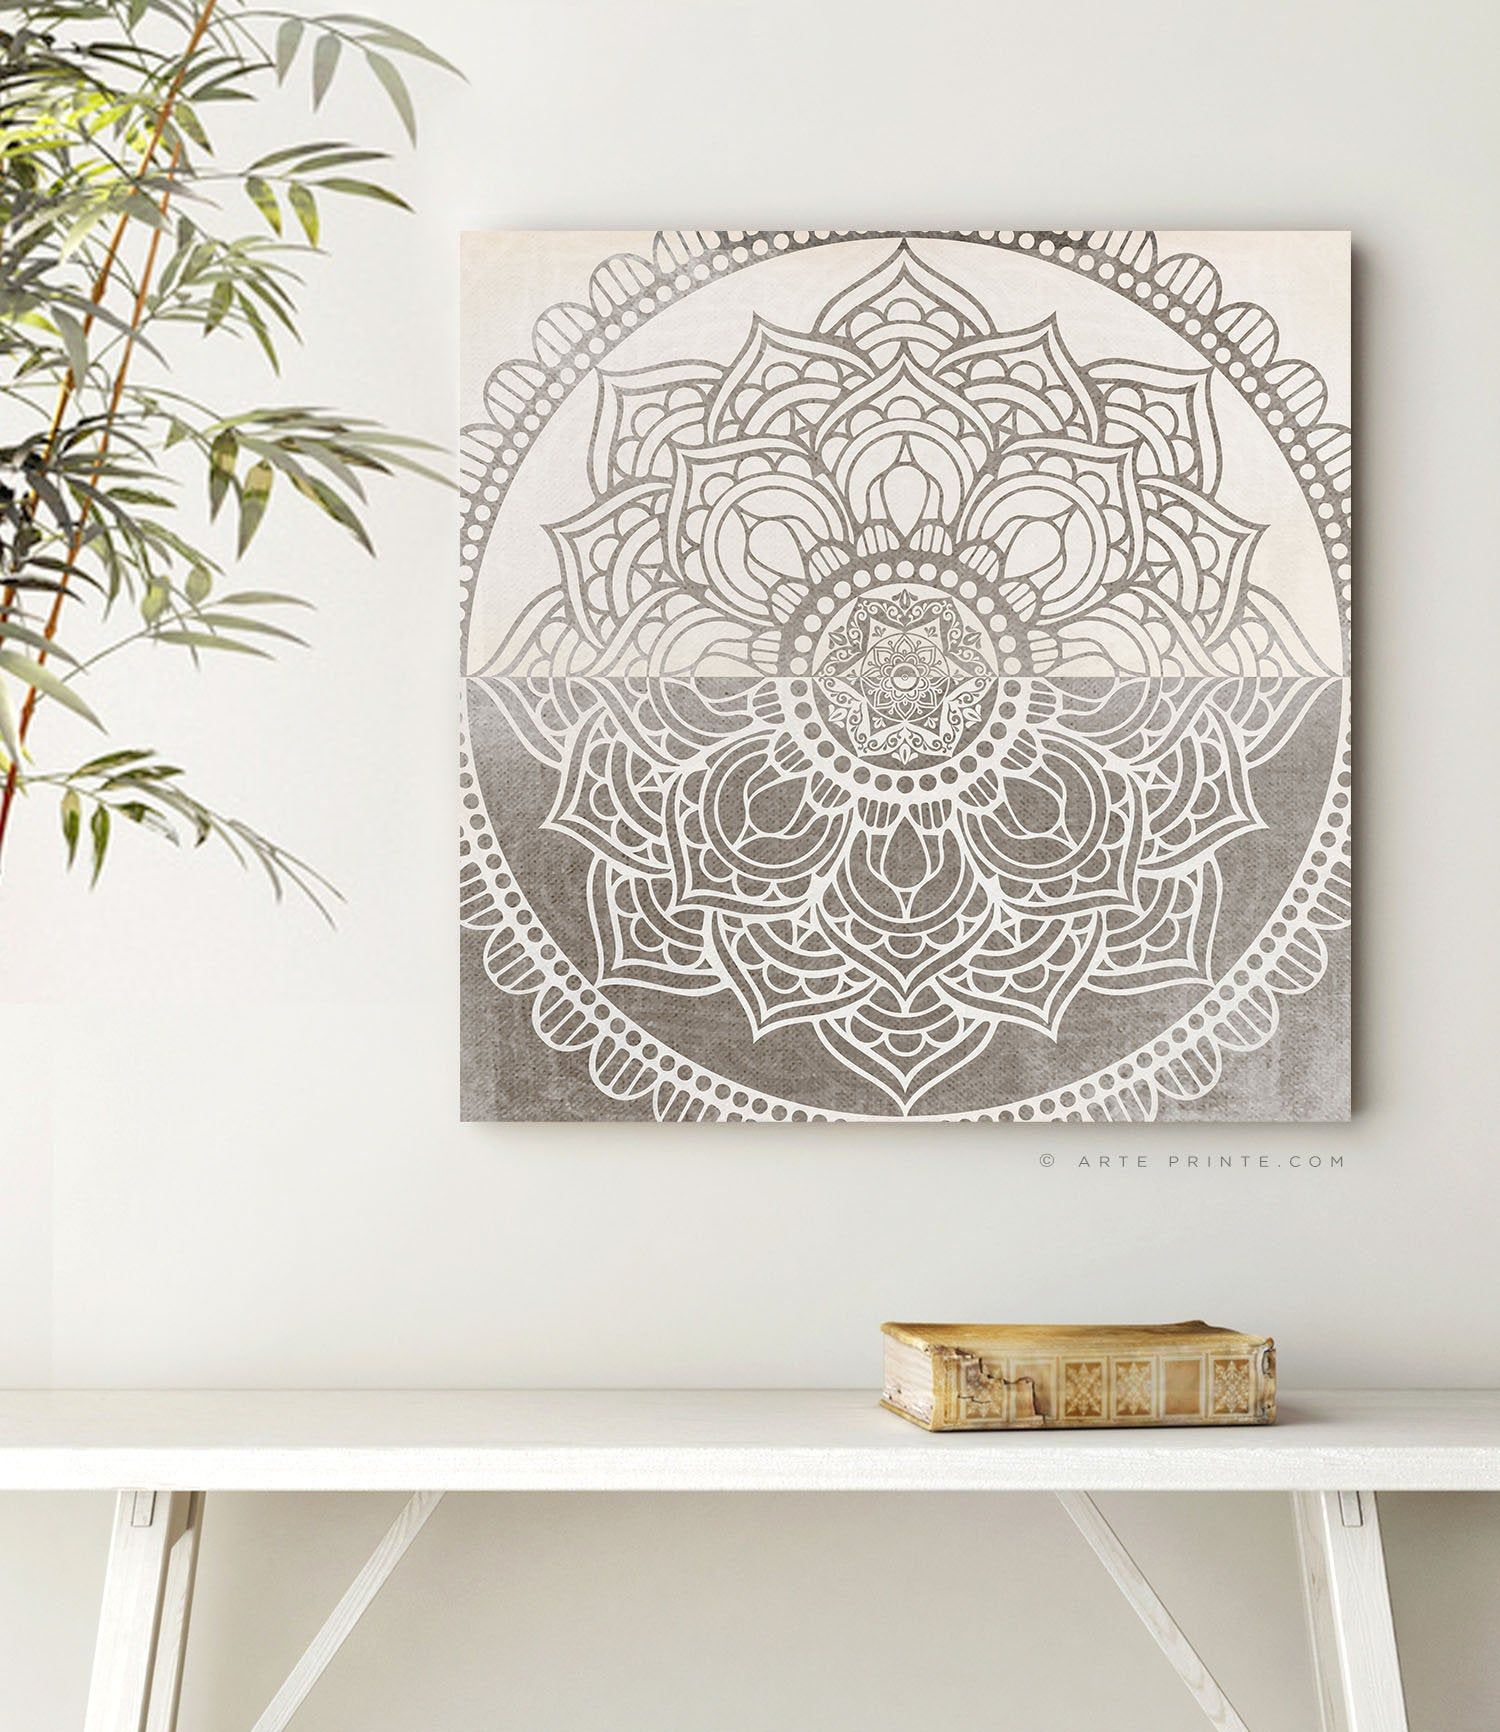 Mandala Wall Art Printable Boho Zen Wall Decor Taupe Beige Etsy Mandala Wall Art Printable Wall Art Yoga Room Decor